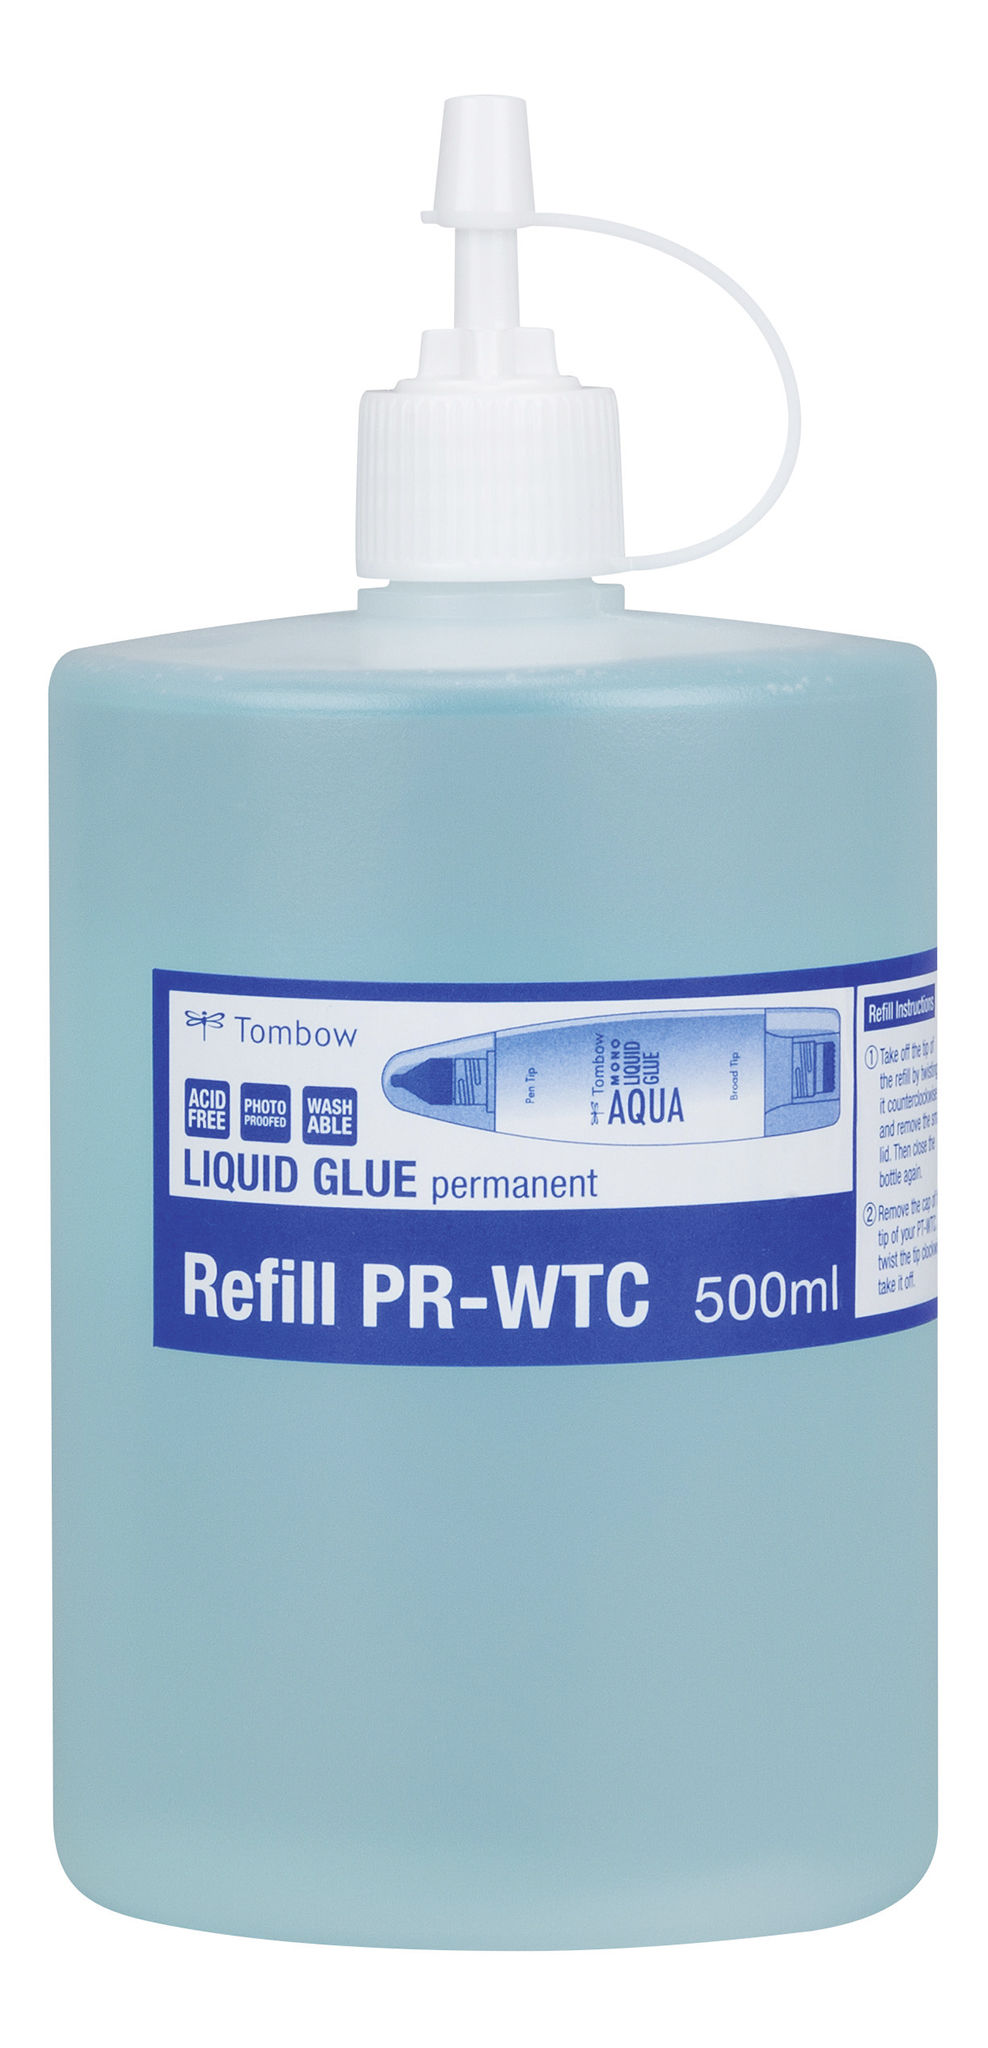 Refill for lqd glue 500ml washable